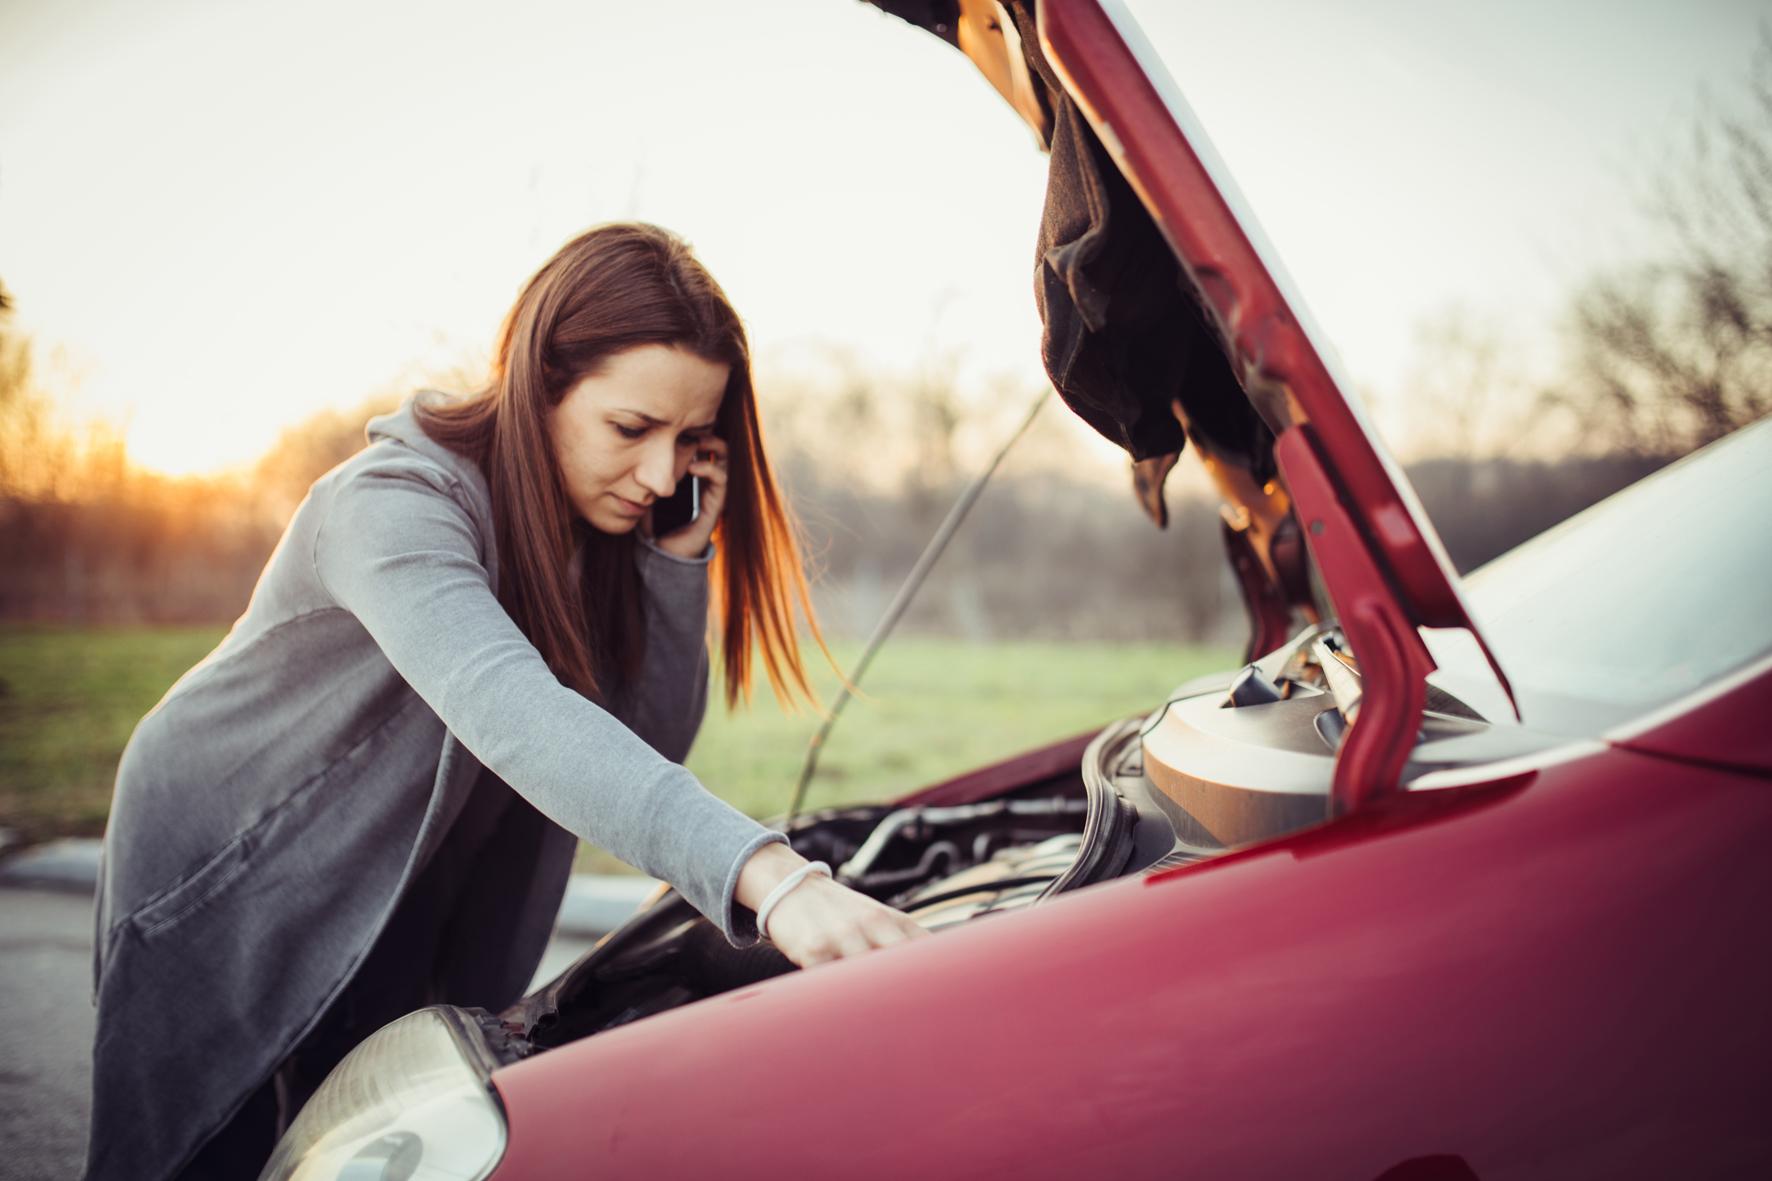 Für 11% der deutschen Autofahrer ist der Getränkehalter mit-maßgeblich für die Kaufentscheidung